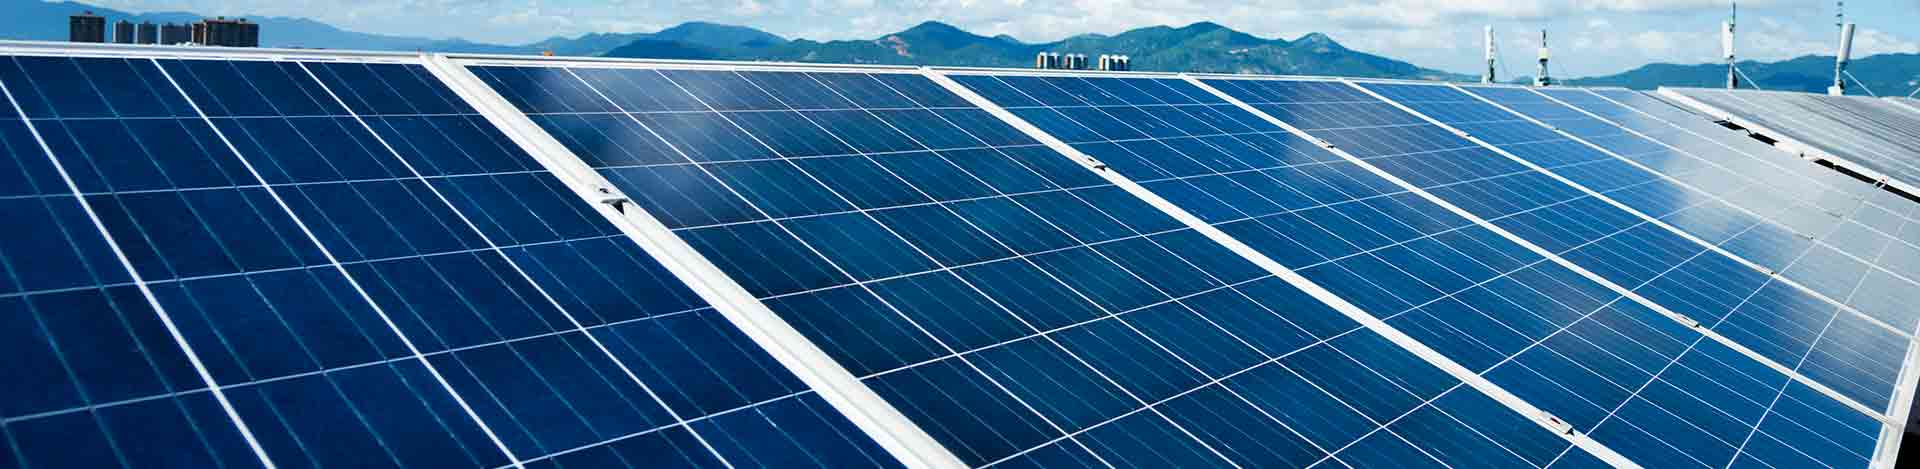 Francenergies, installateur expert en performance énergétique